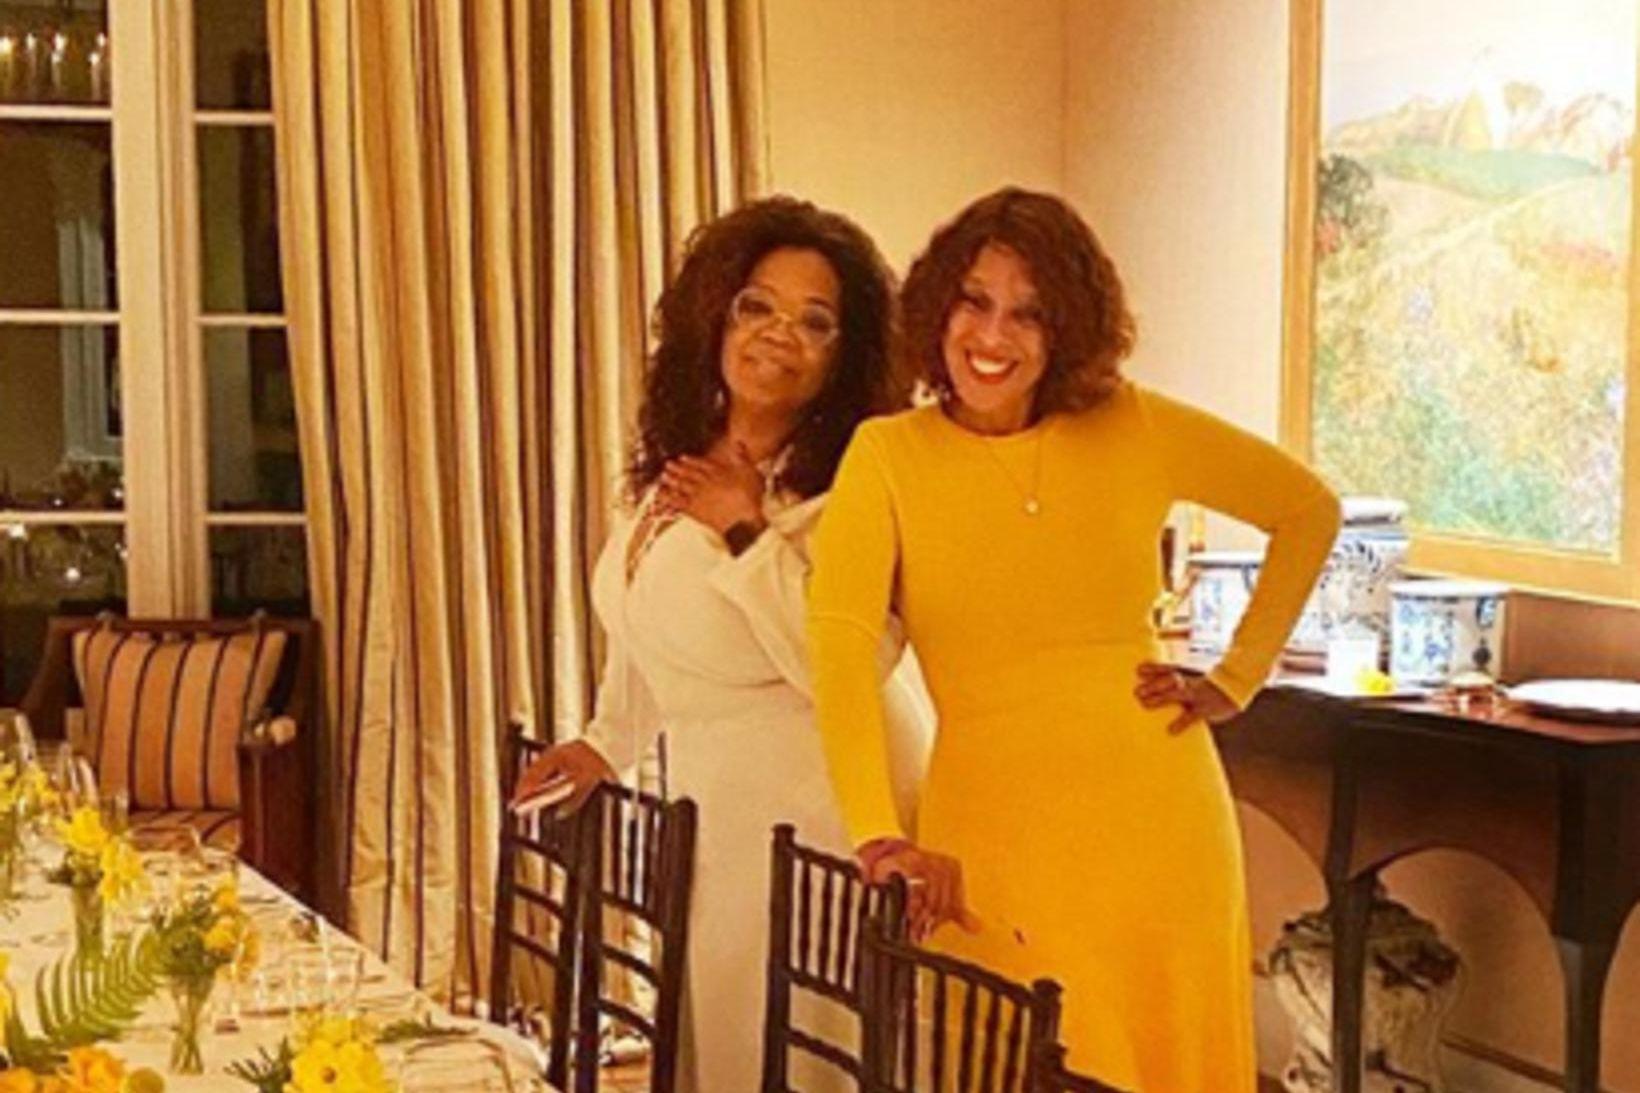 Oprah Winfrey ásamt bestu vinkonu sinni Gayle King á 65 …